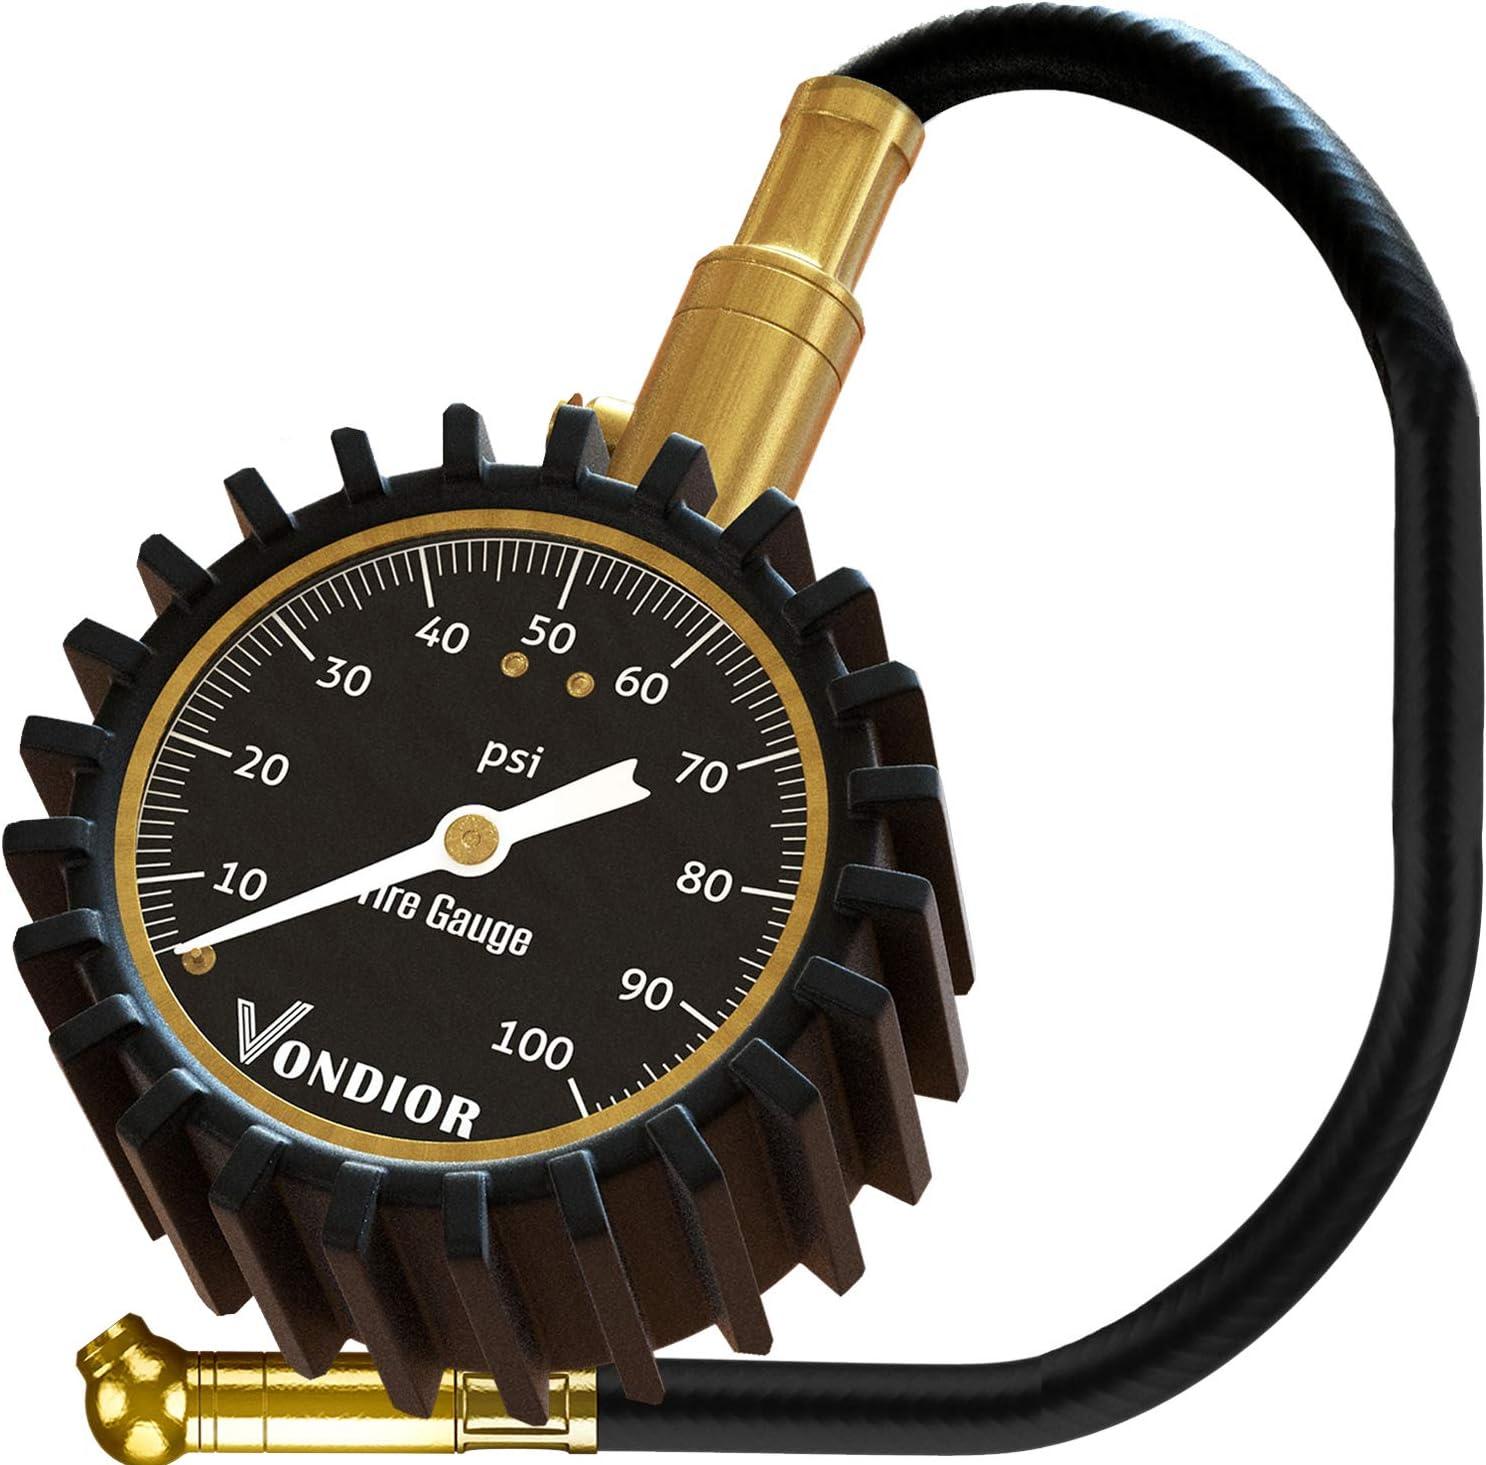 Vondior Heavy Duty Tire Pressure Gauge